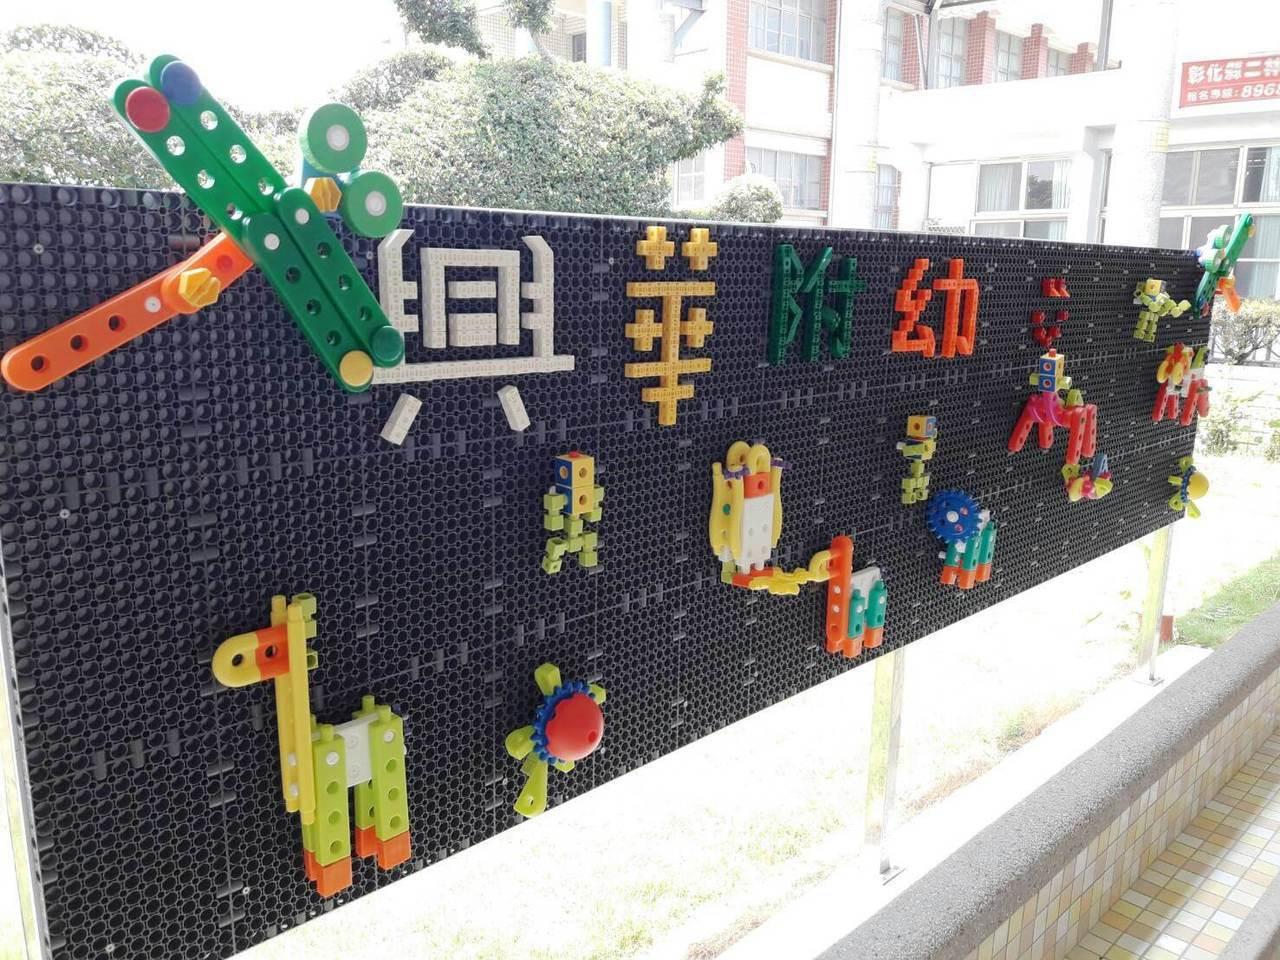 興華國小附幼經營10年有成,今年首度公開抽籤。圖/興華國小提供